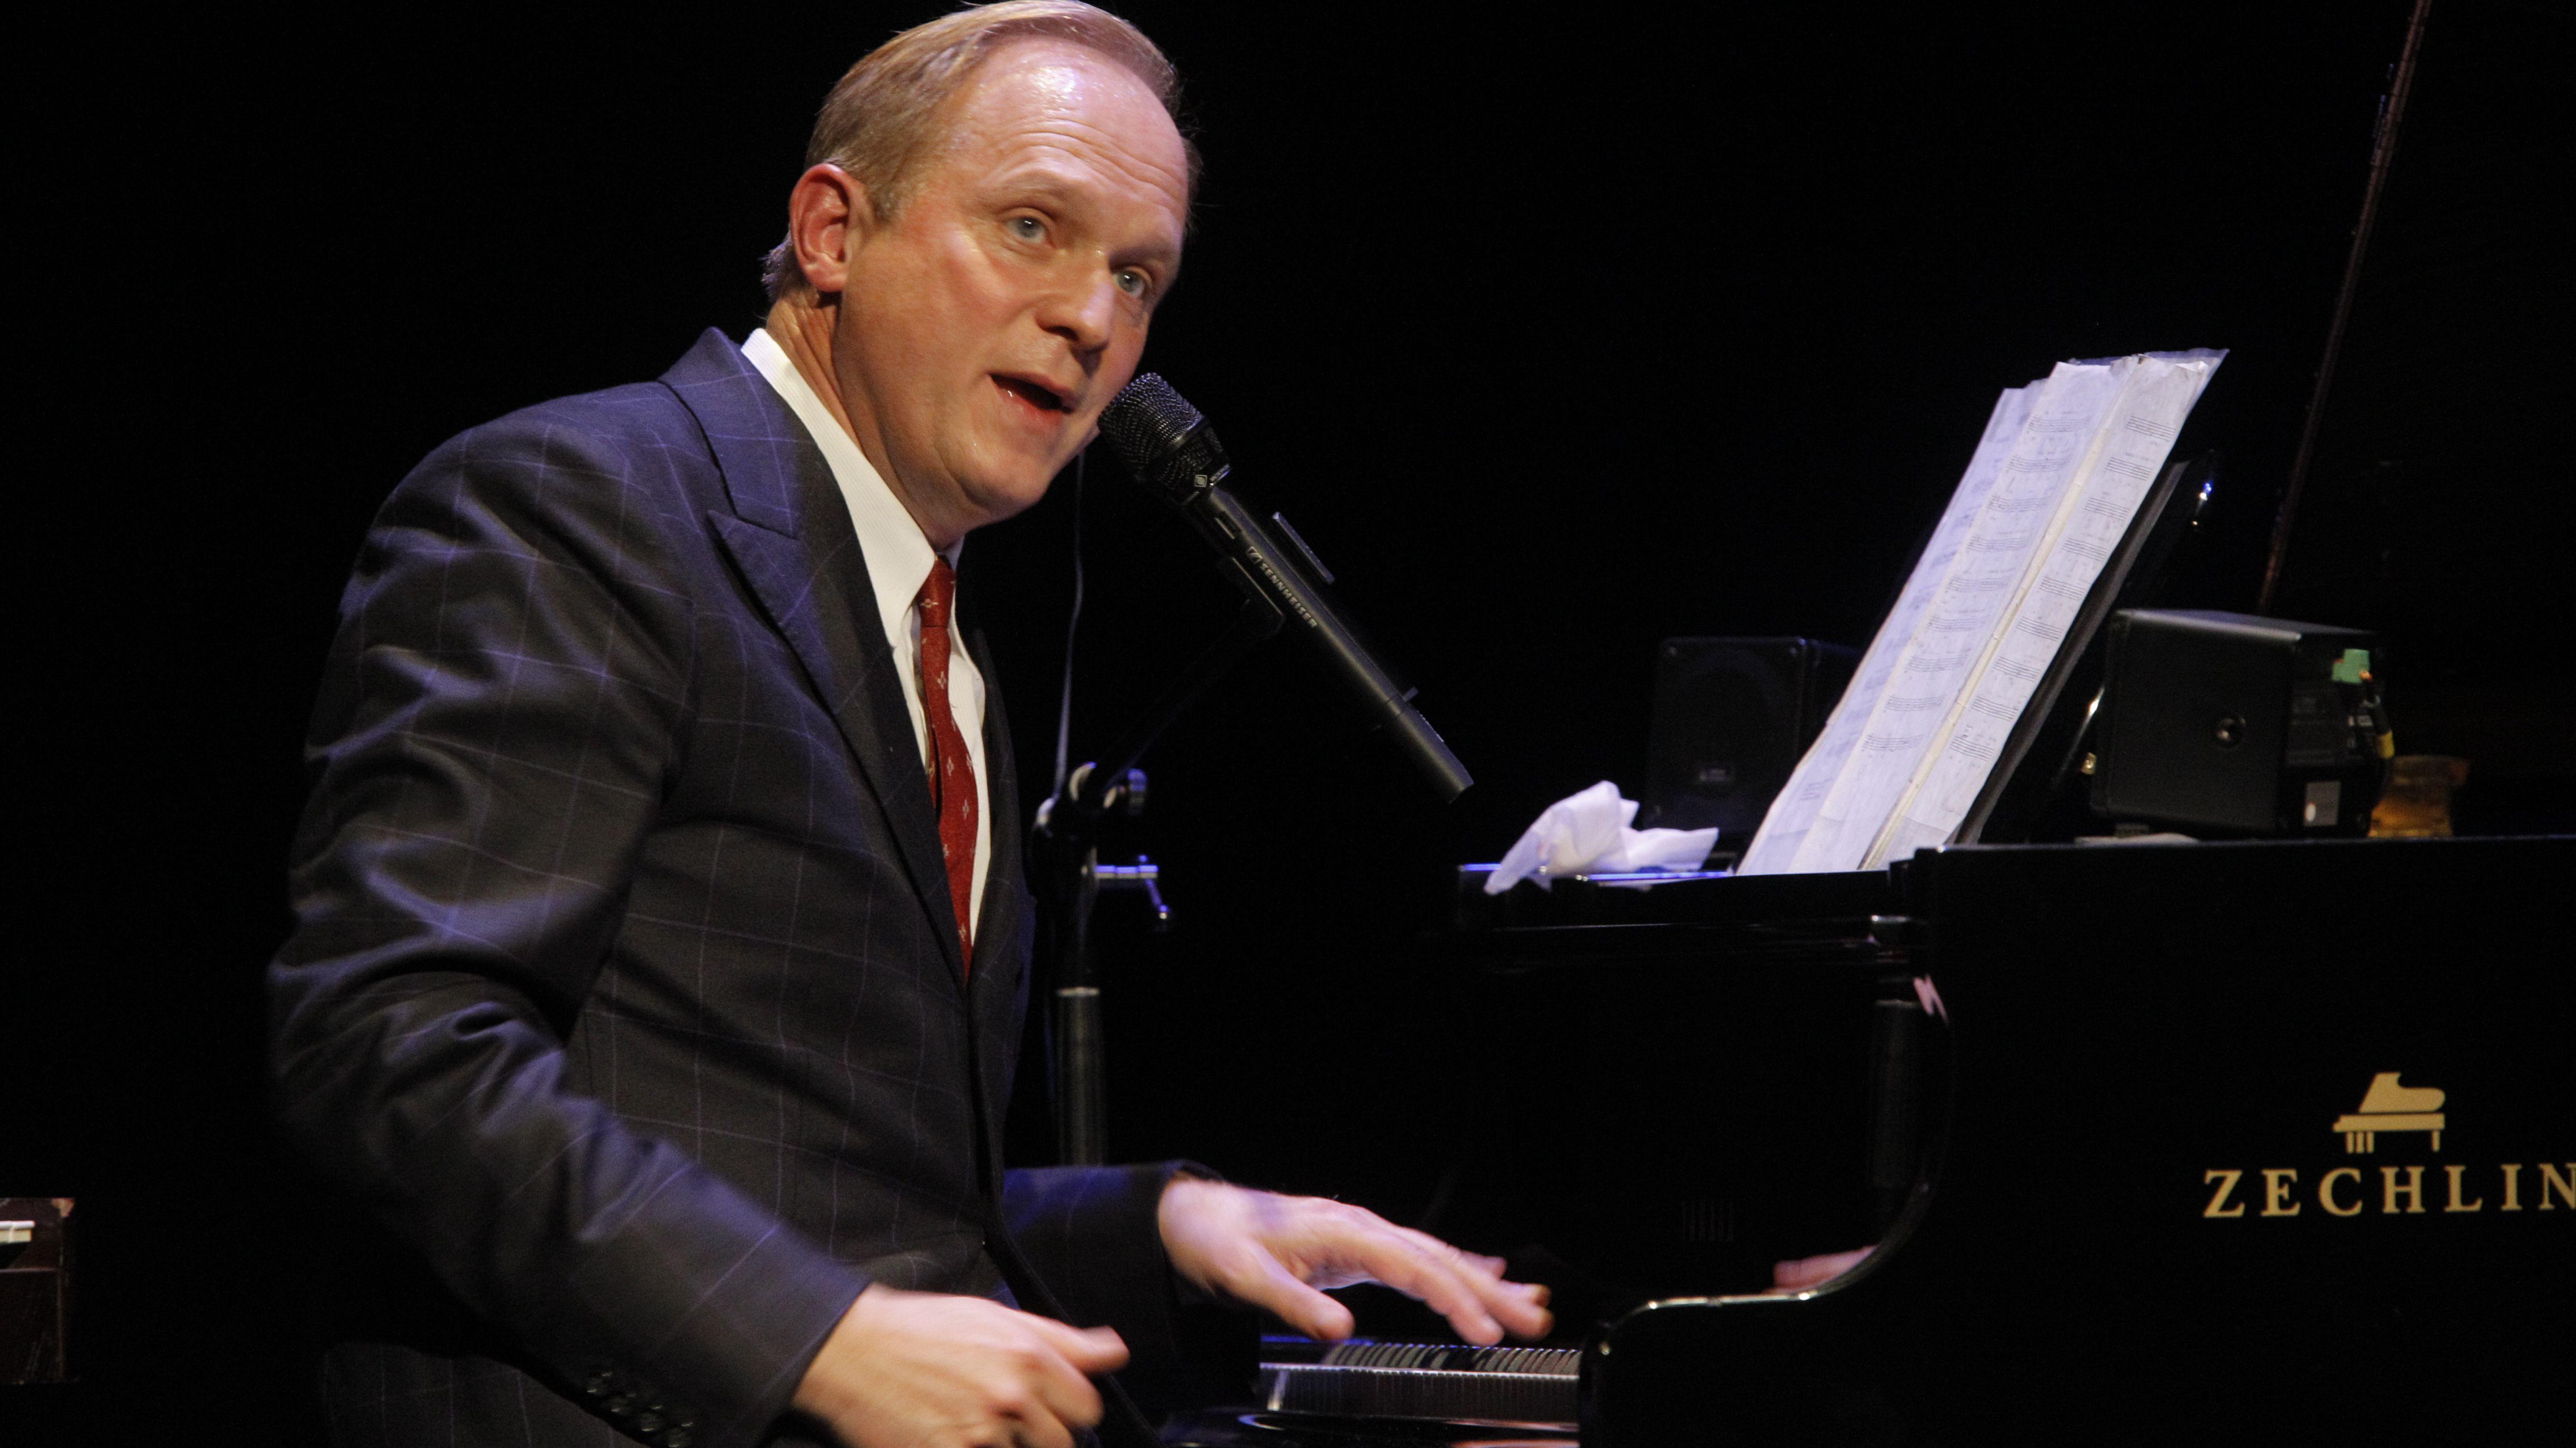 Auch Ulrich Tukur wird in Passau auftreten.